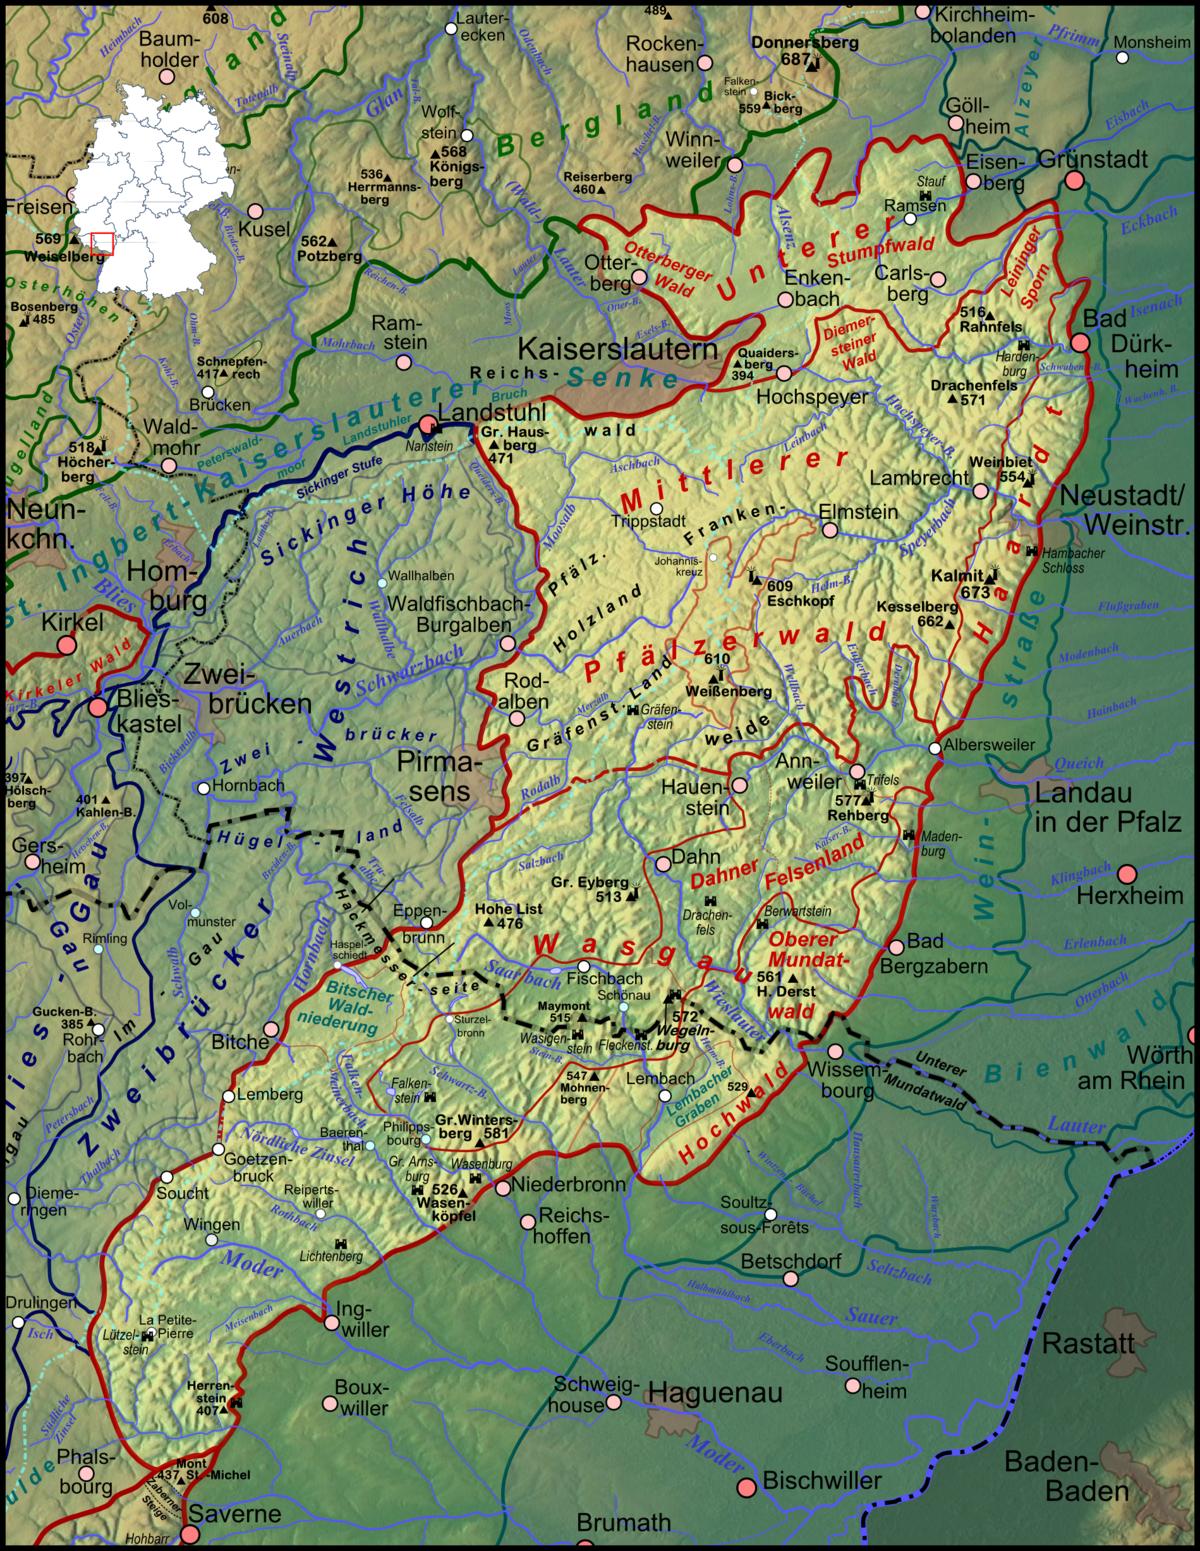 Palatinate Forest Wikipedia